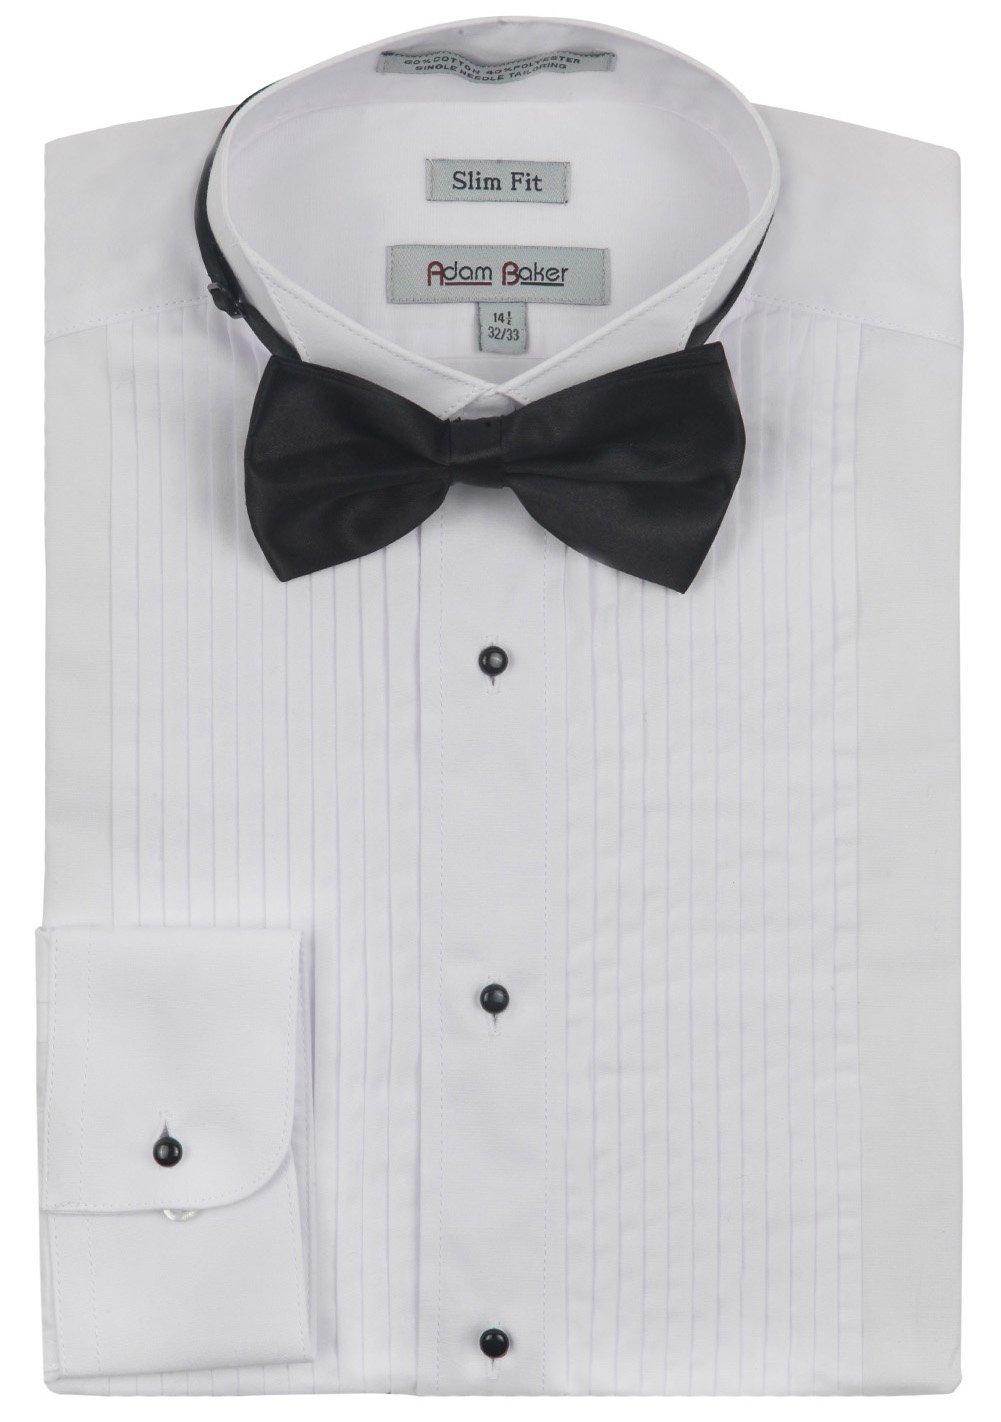 Adam Baker Men's Slim Fit Convertible Cuffs Formal Wingtip Collar Tuxedo Shirt (Bowtie & Studs Included) 1943